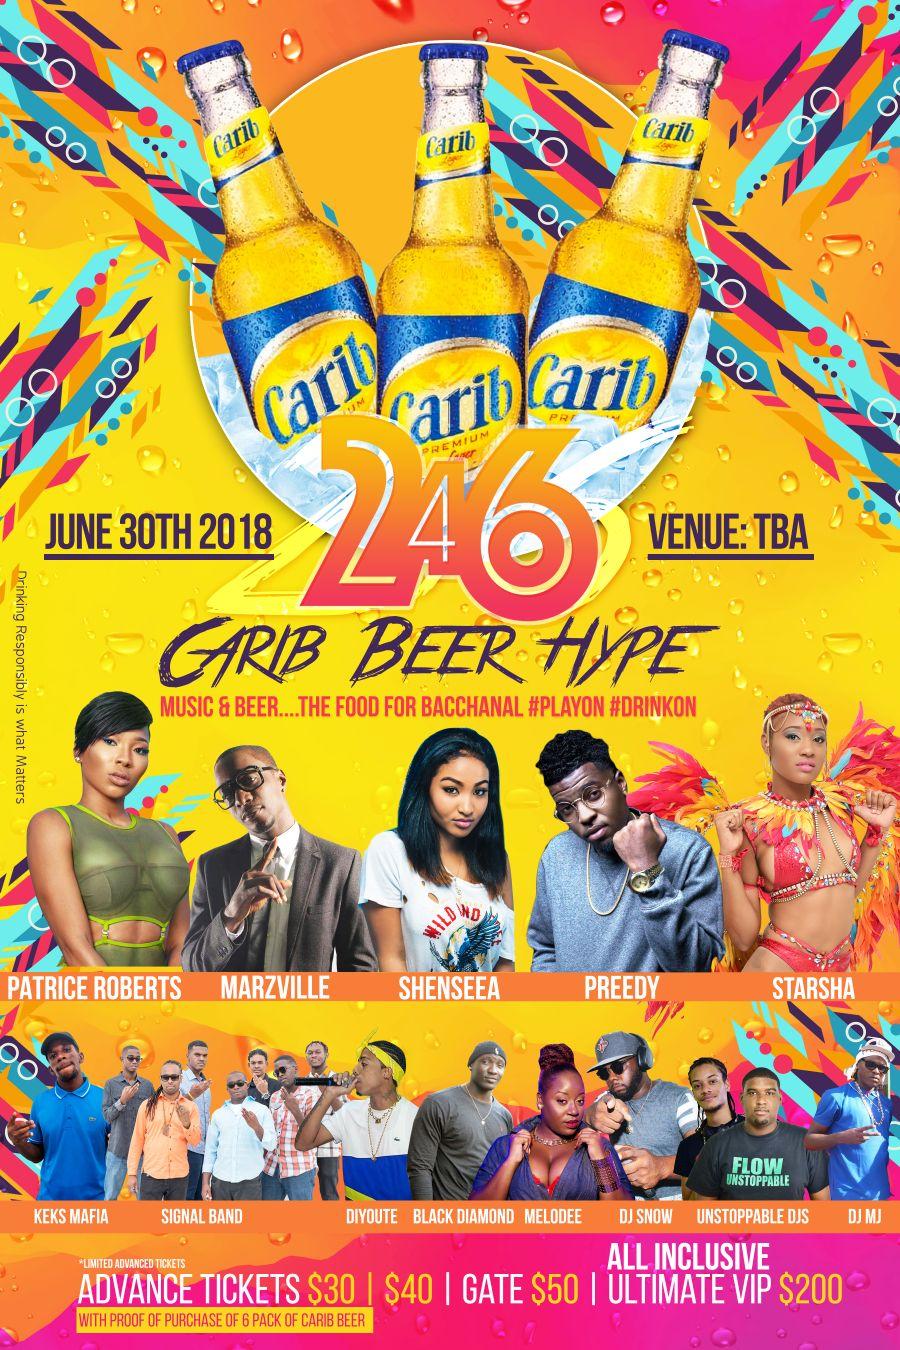 Carib Beer Hyper Flyer